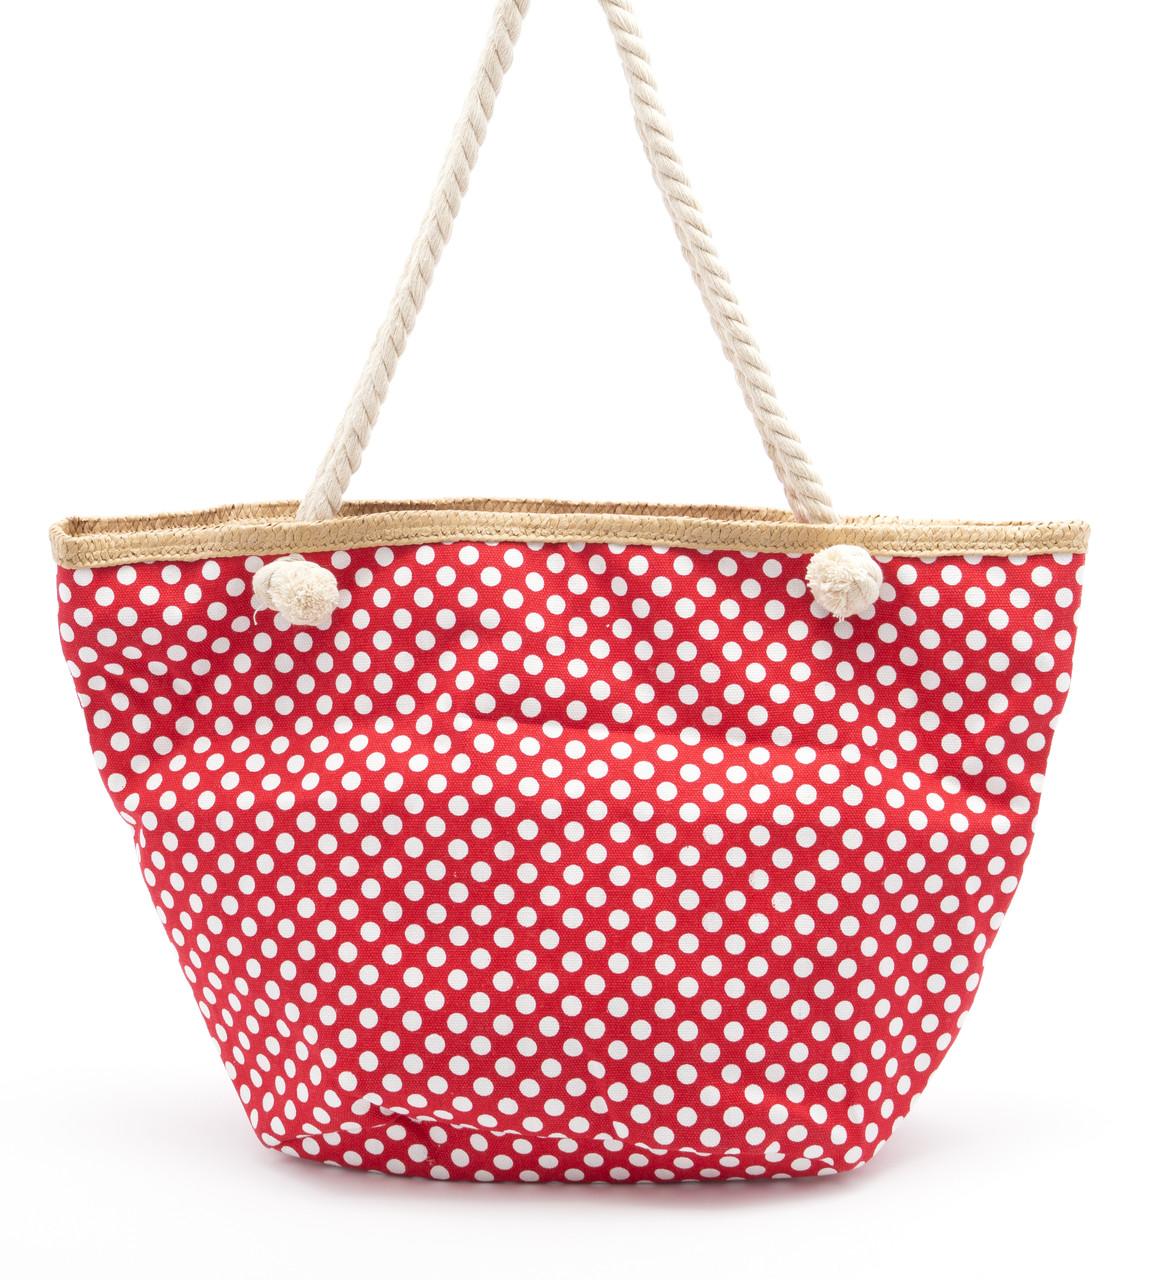 Пляжная красная женская сумка в горошек Б/Н art. 9463